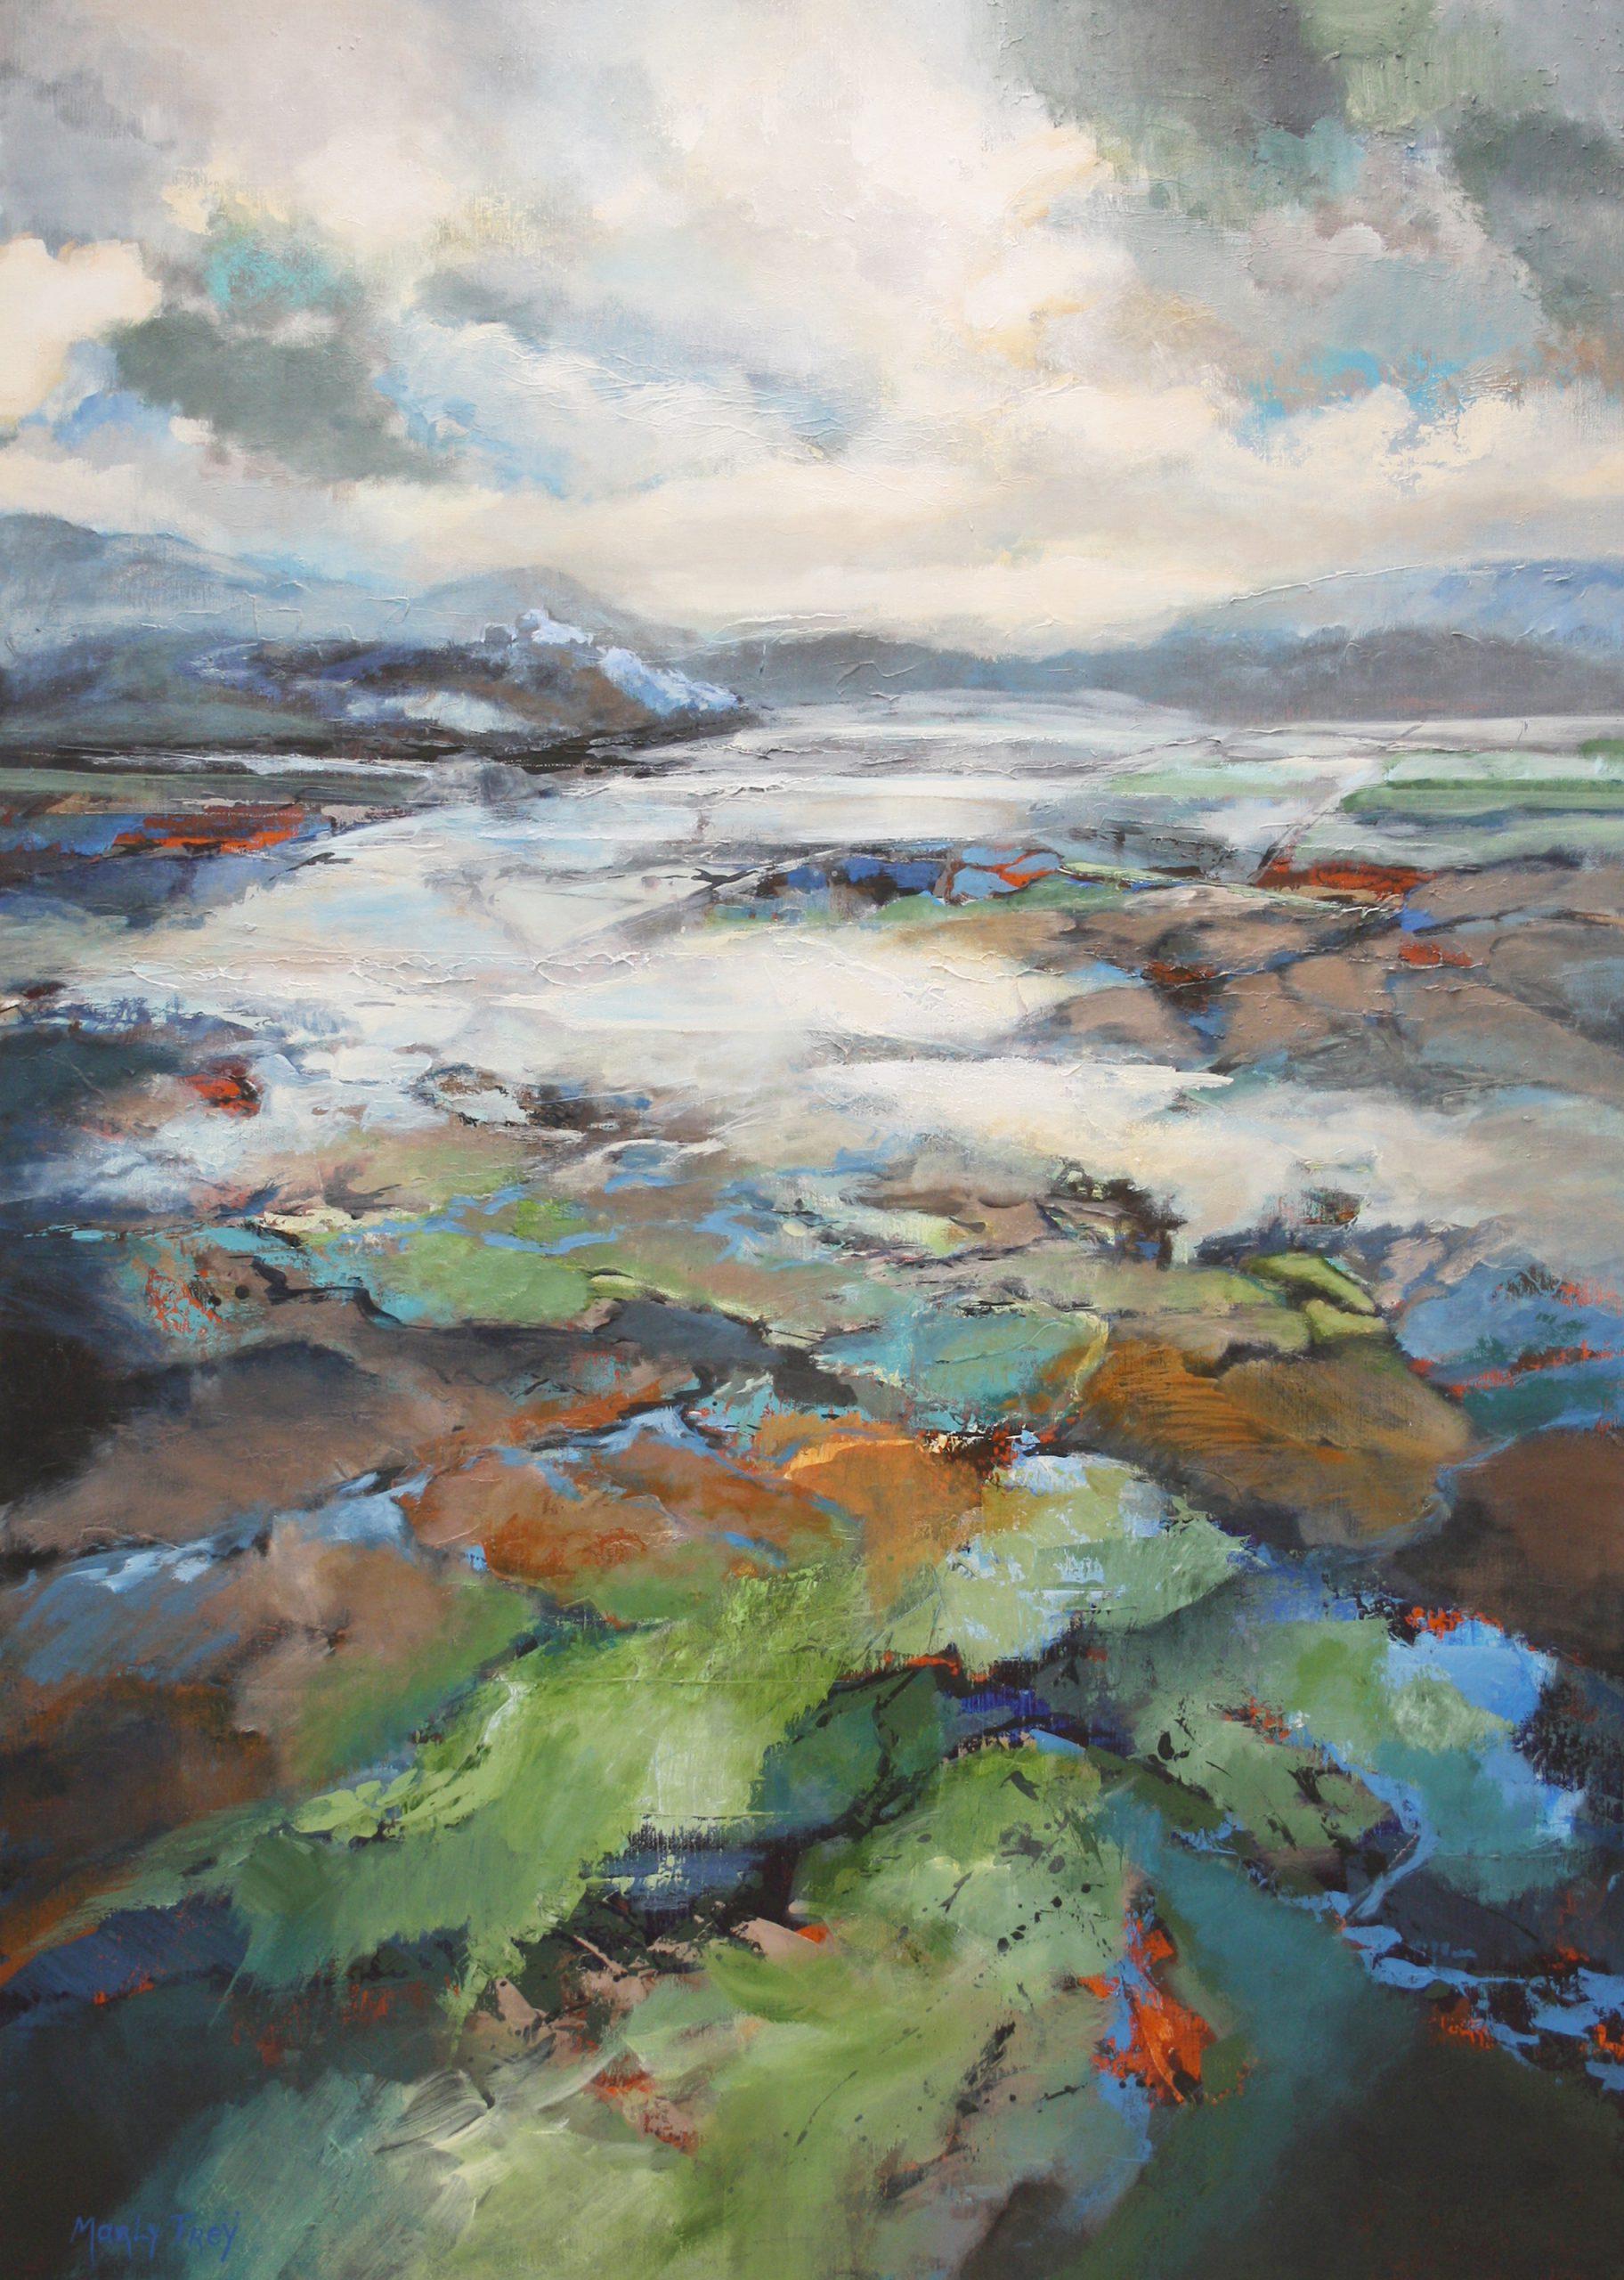 Kunst: Abstract landschap 2107 van kunstenaar Marly Freij(vergezichten)